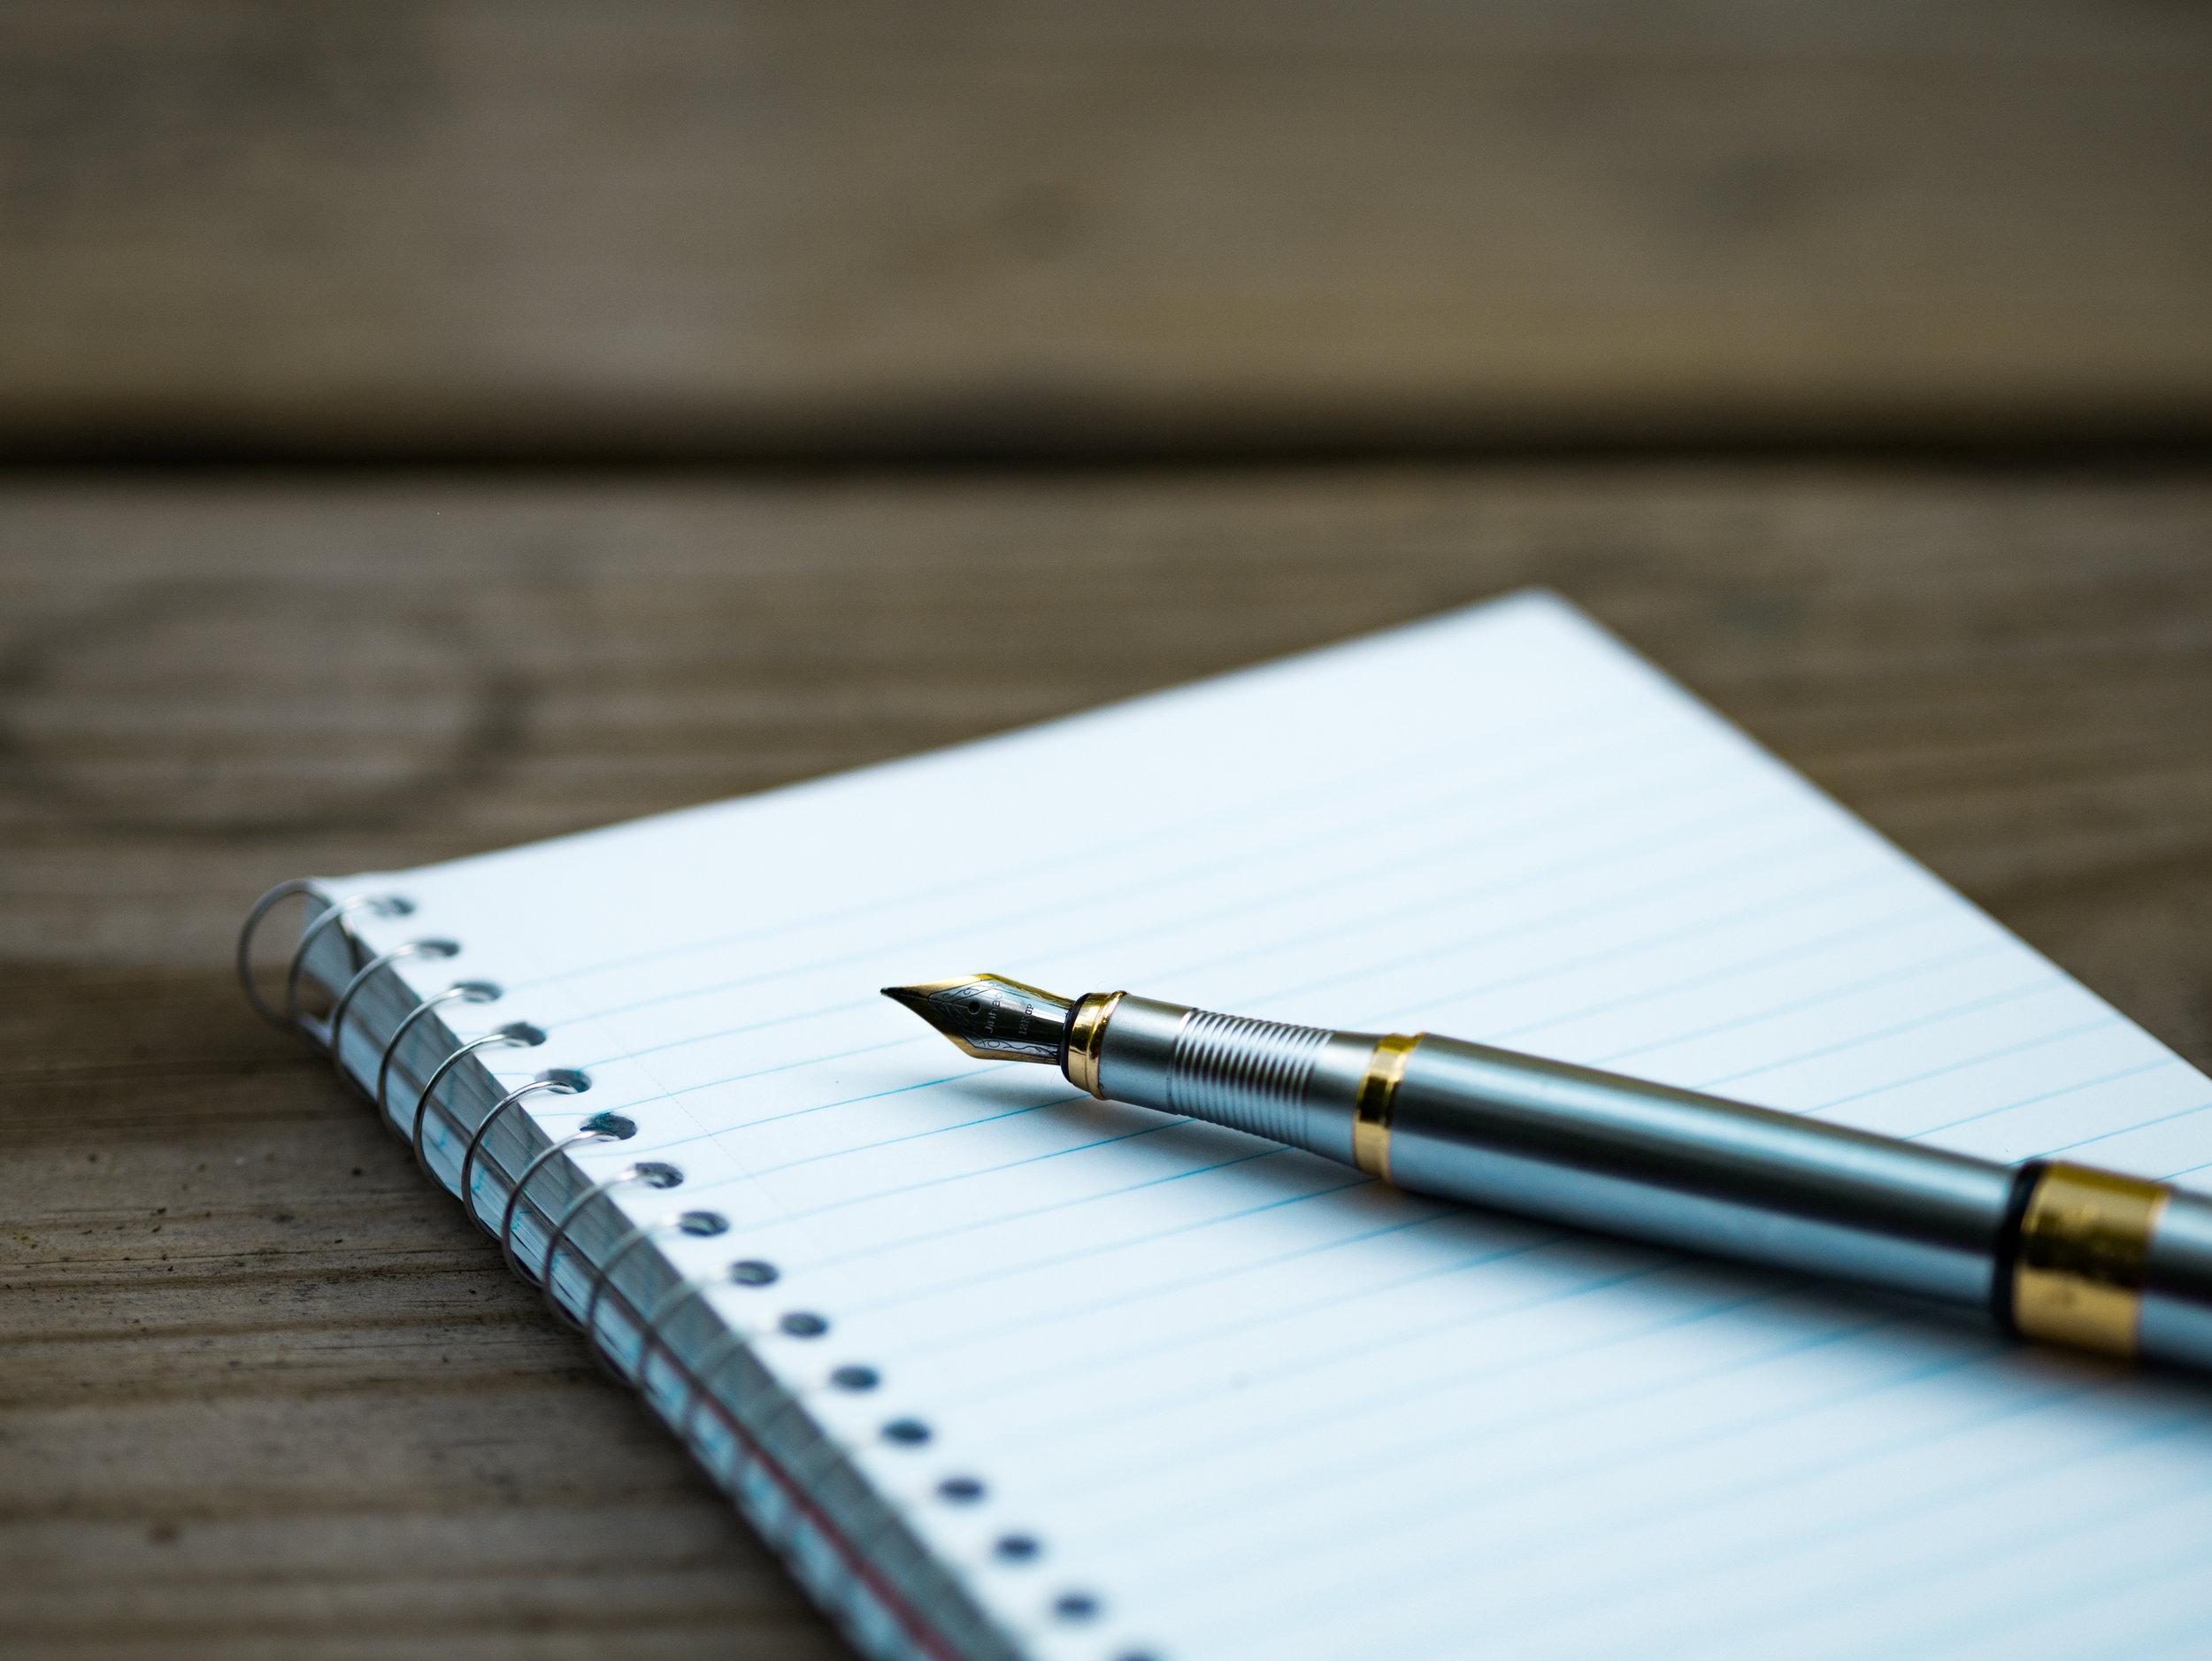 Worksheets -